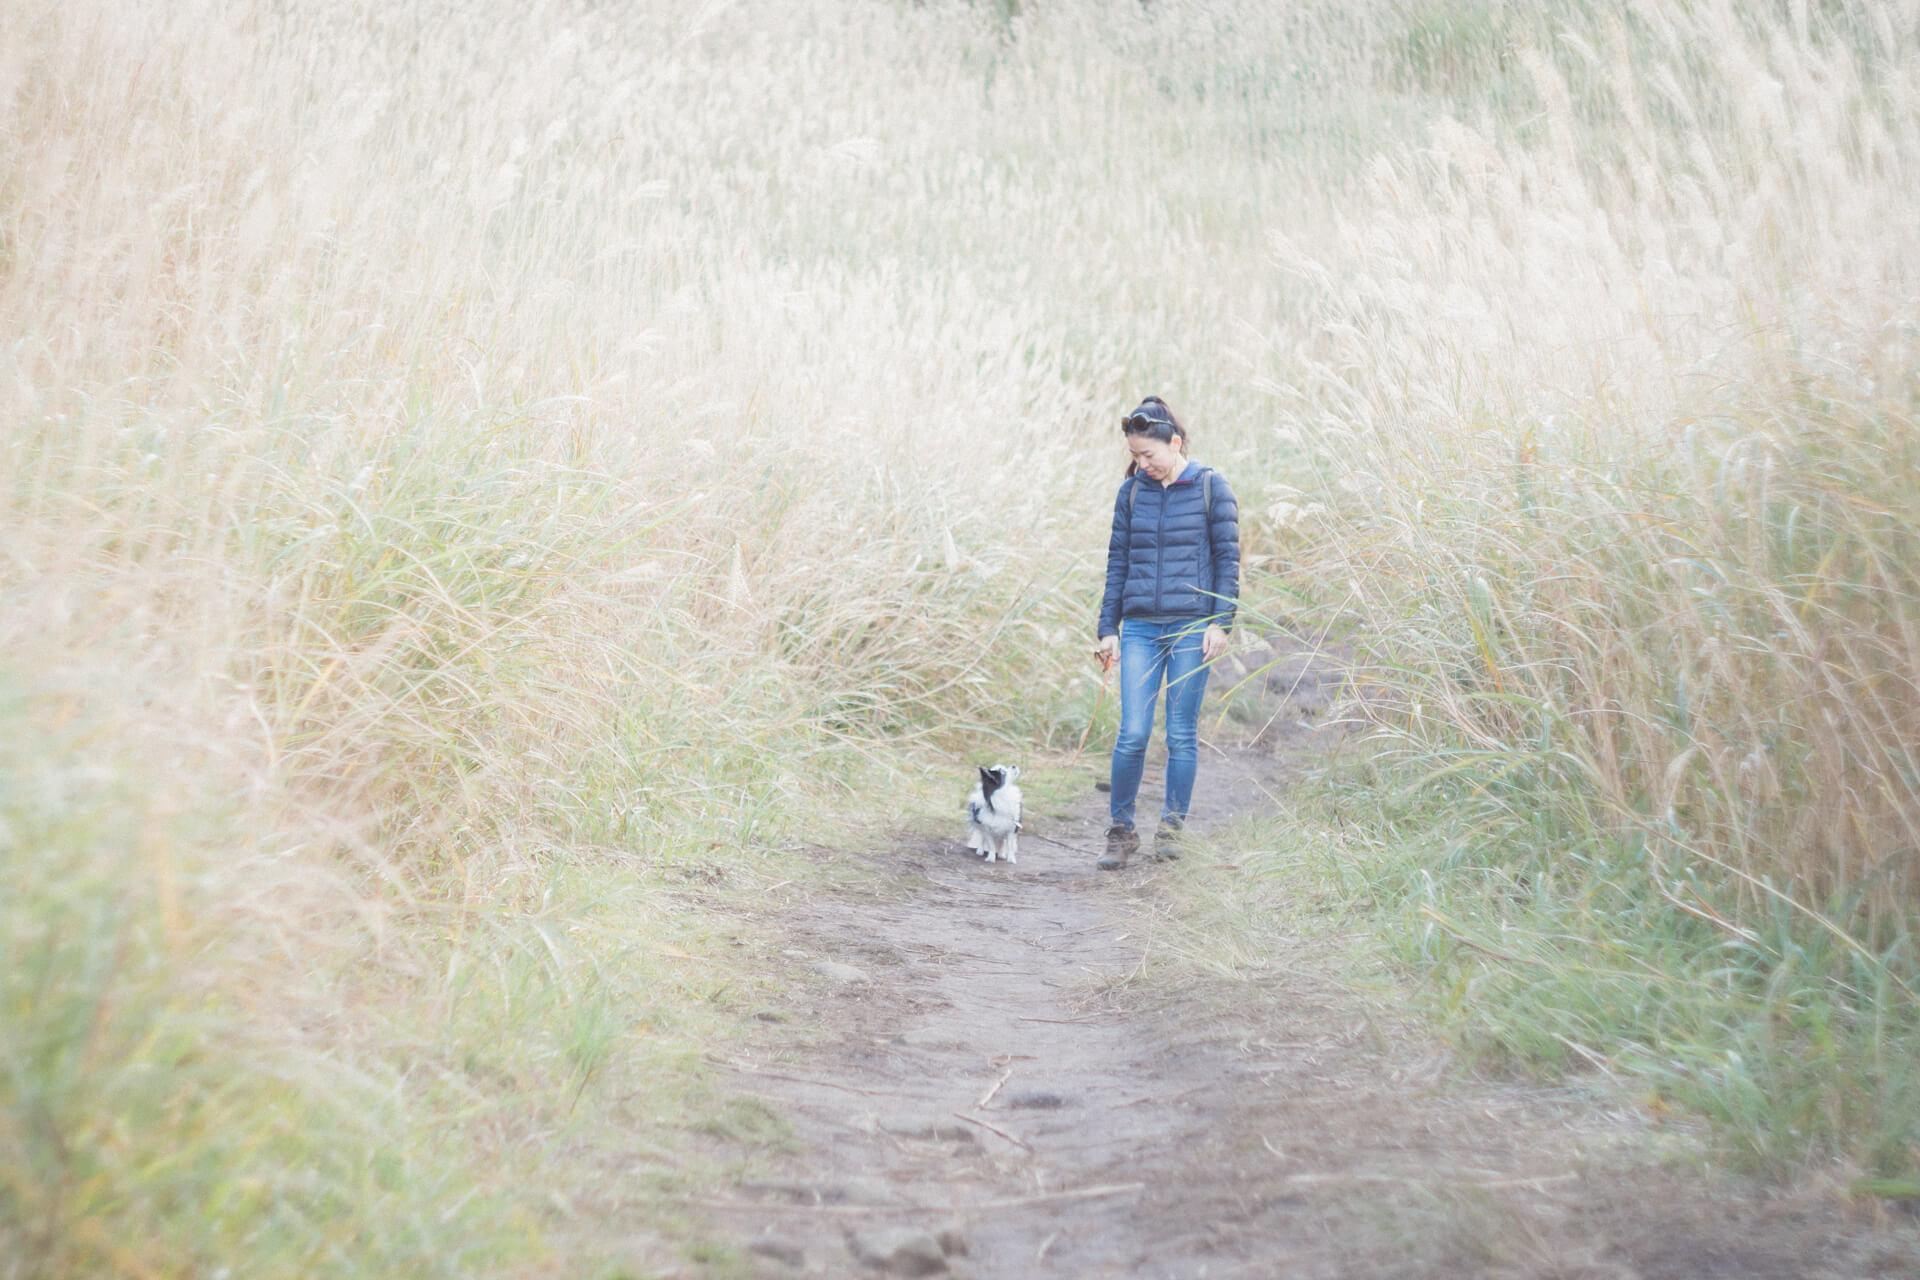 砥峰高原のススキと妻と愛犬